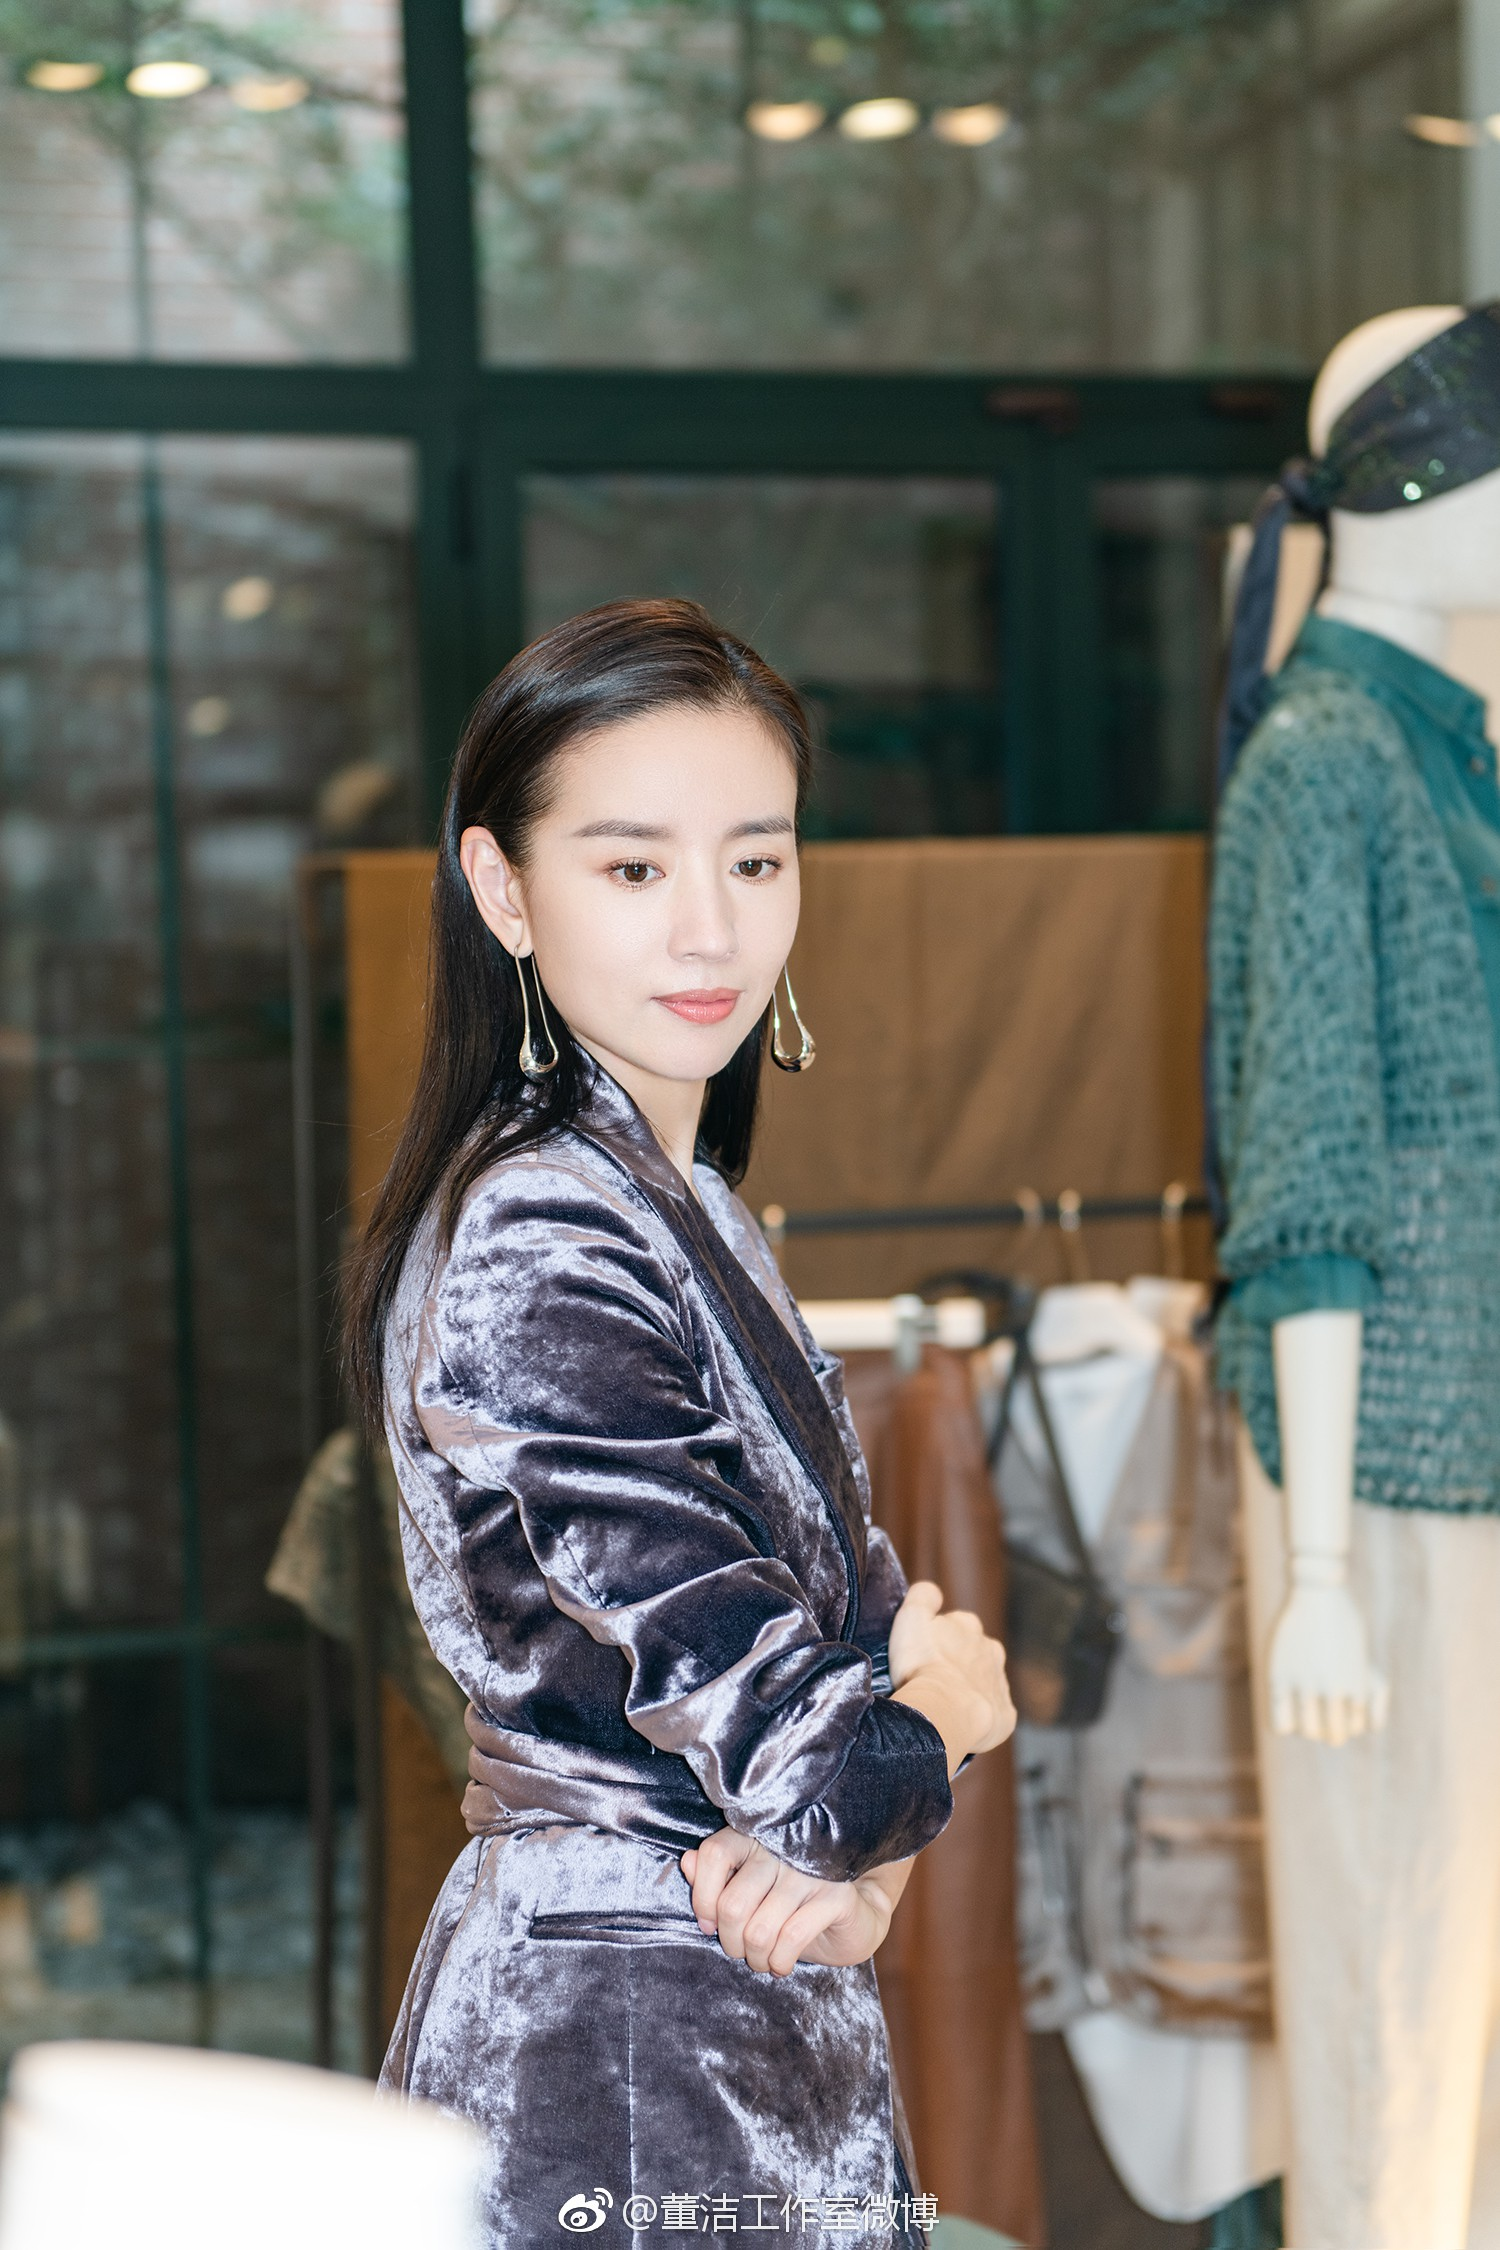 Hai Phú Sát Hoàng Hậu Tần Lam - Đổng Khiết đụng độ nhan sắc: Người như tiên nữ, kẻ lộ già nua - Ảnh 26.